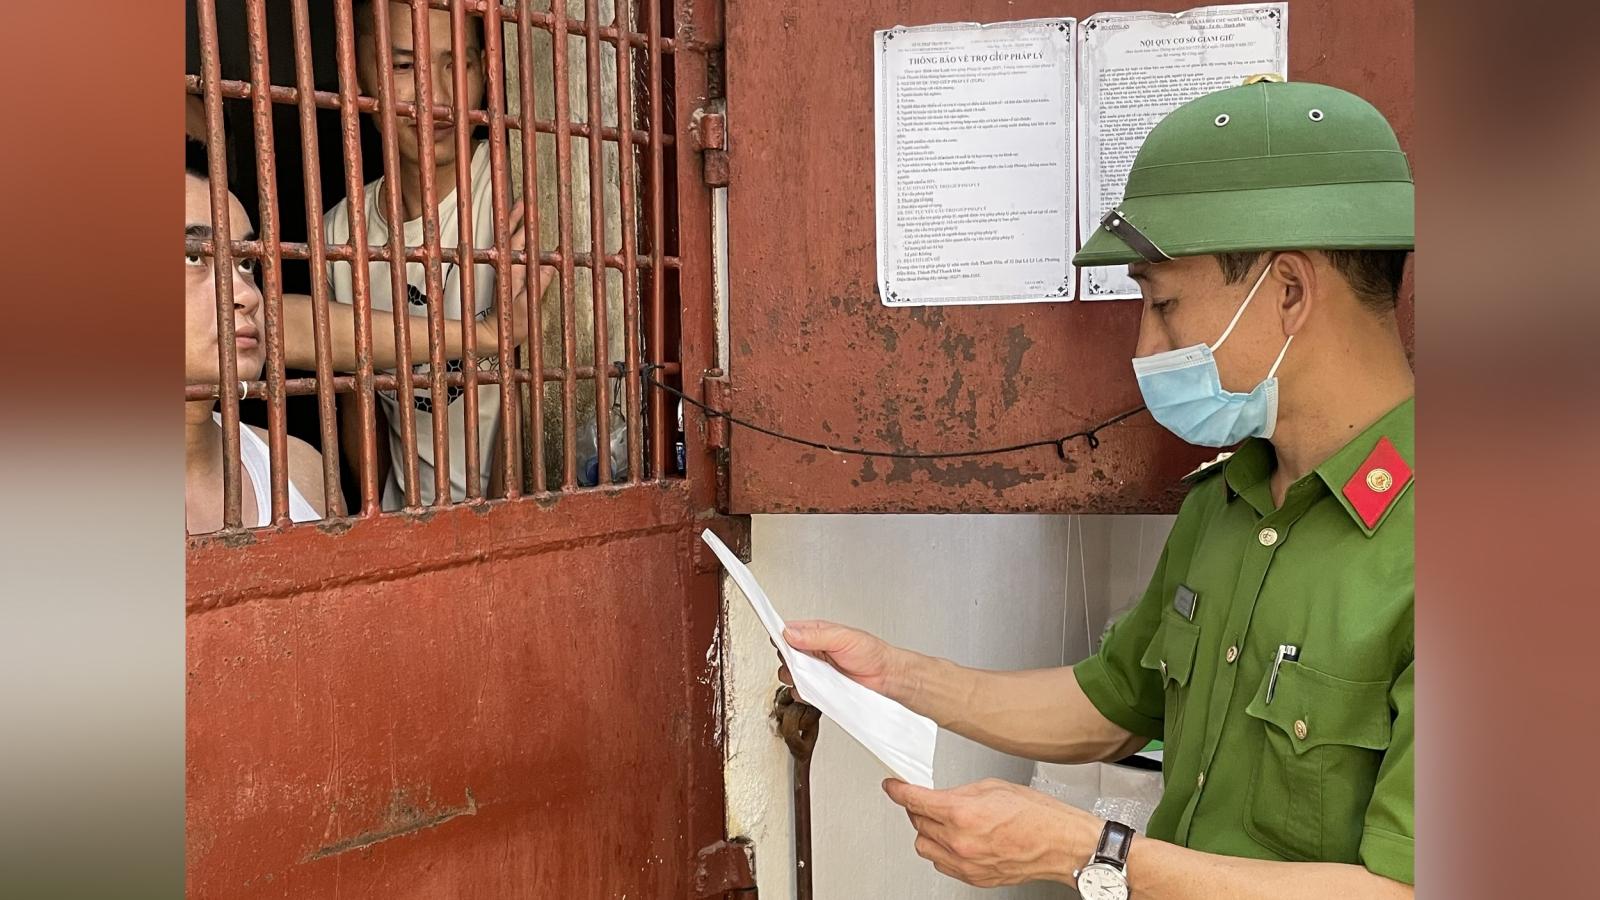 Khoảng 750 người bị tạm giữ, tạm giam ở Thanh Hóa sẽ bỏ phiếu tại buồng giam